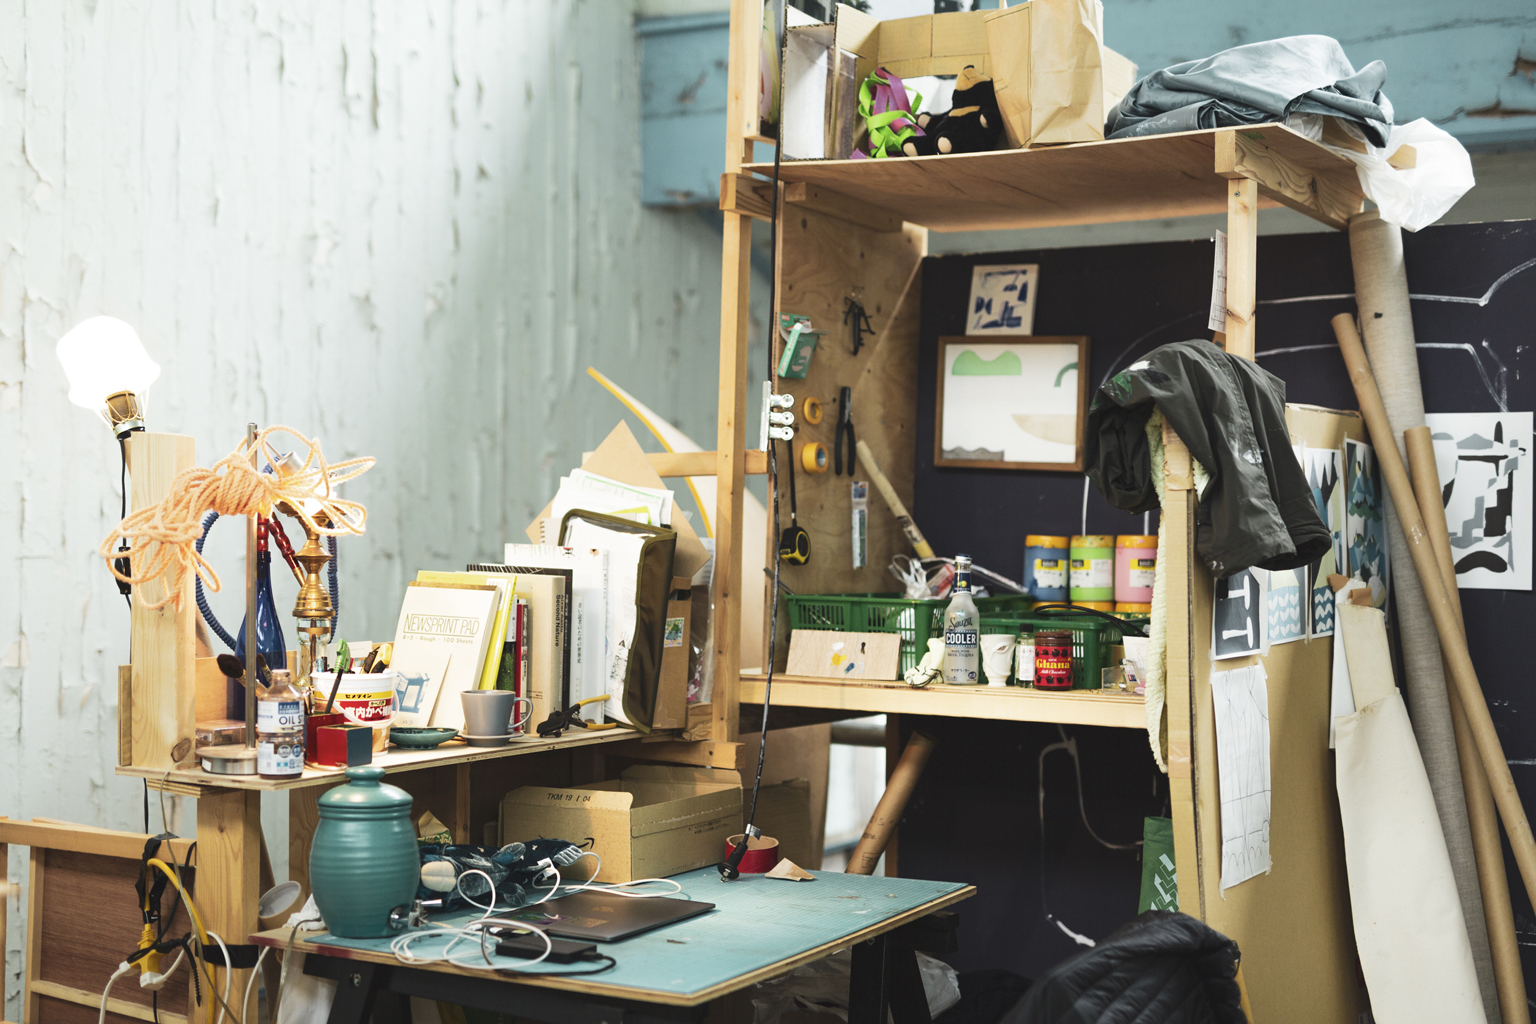 木で自作された、黒坂祐さんの棚付き作業机。MacBookが置かれているほか、たくさんの画材や紙が積まれ溢れている。